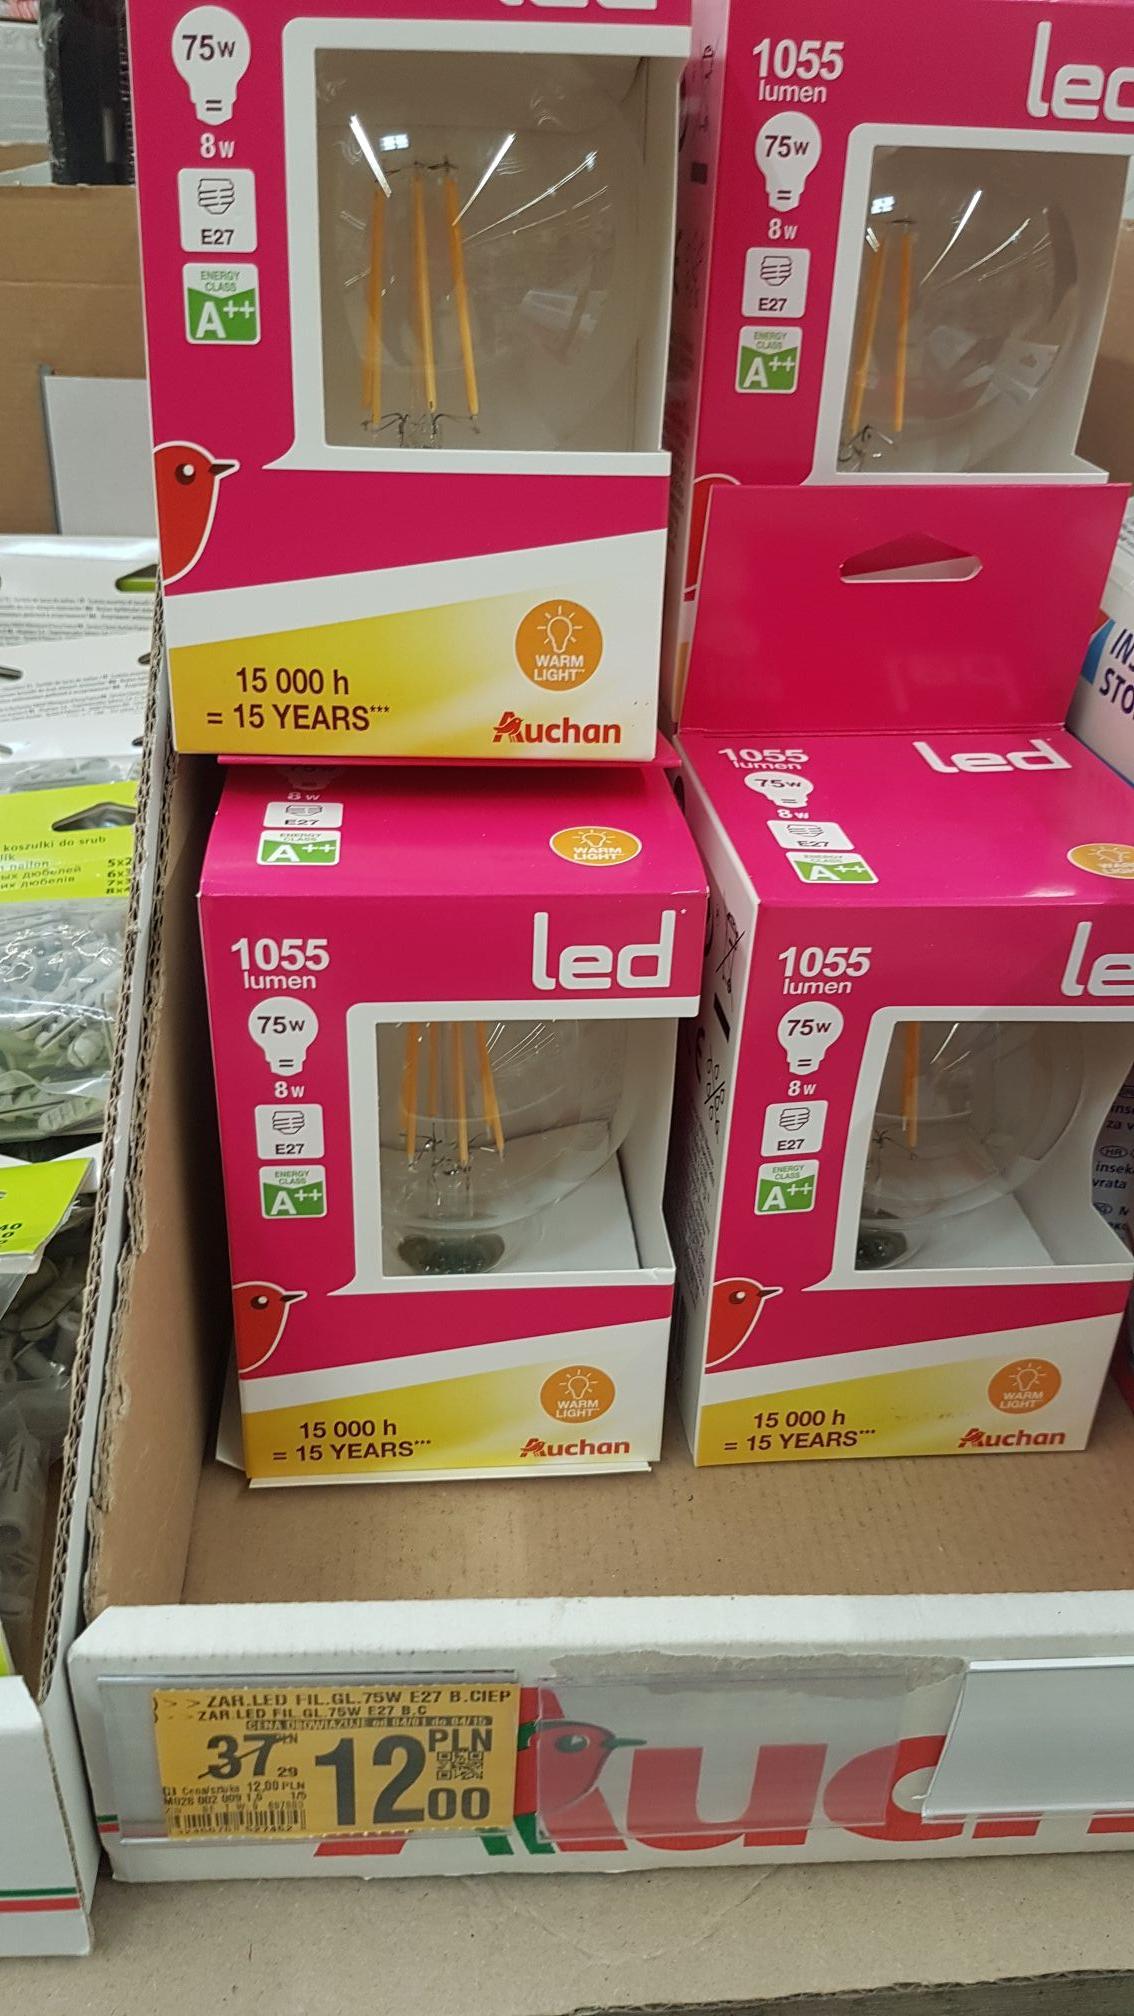 Żarówka LED duża E27 ciepła 8W = 75W 1055 lumenów Auchan 2700K